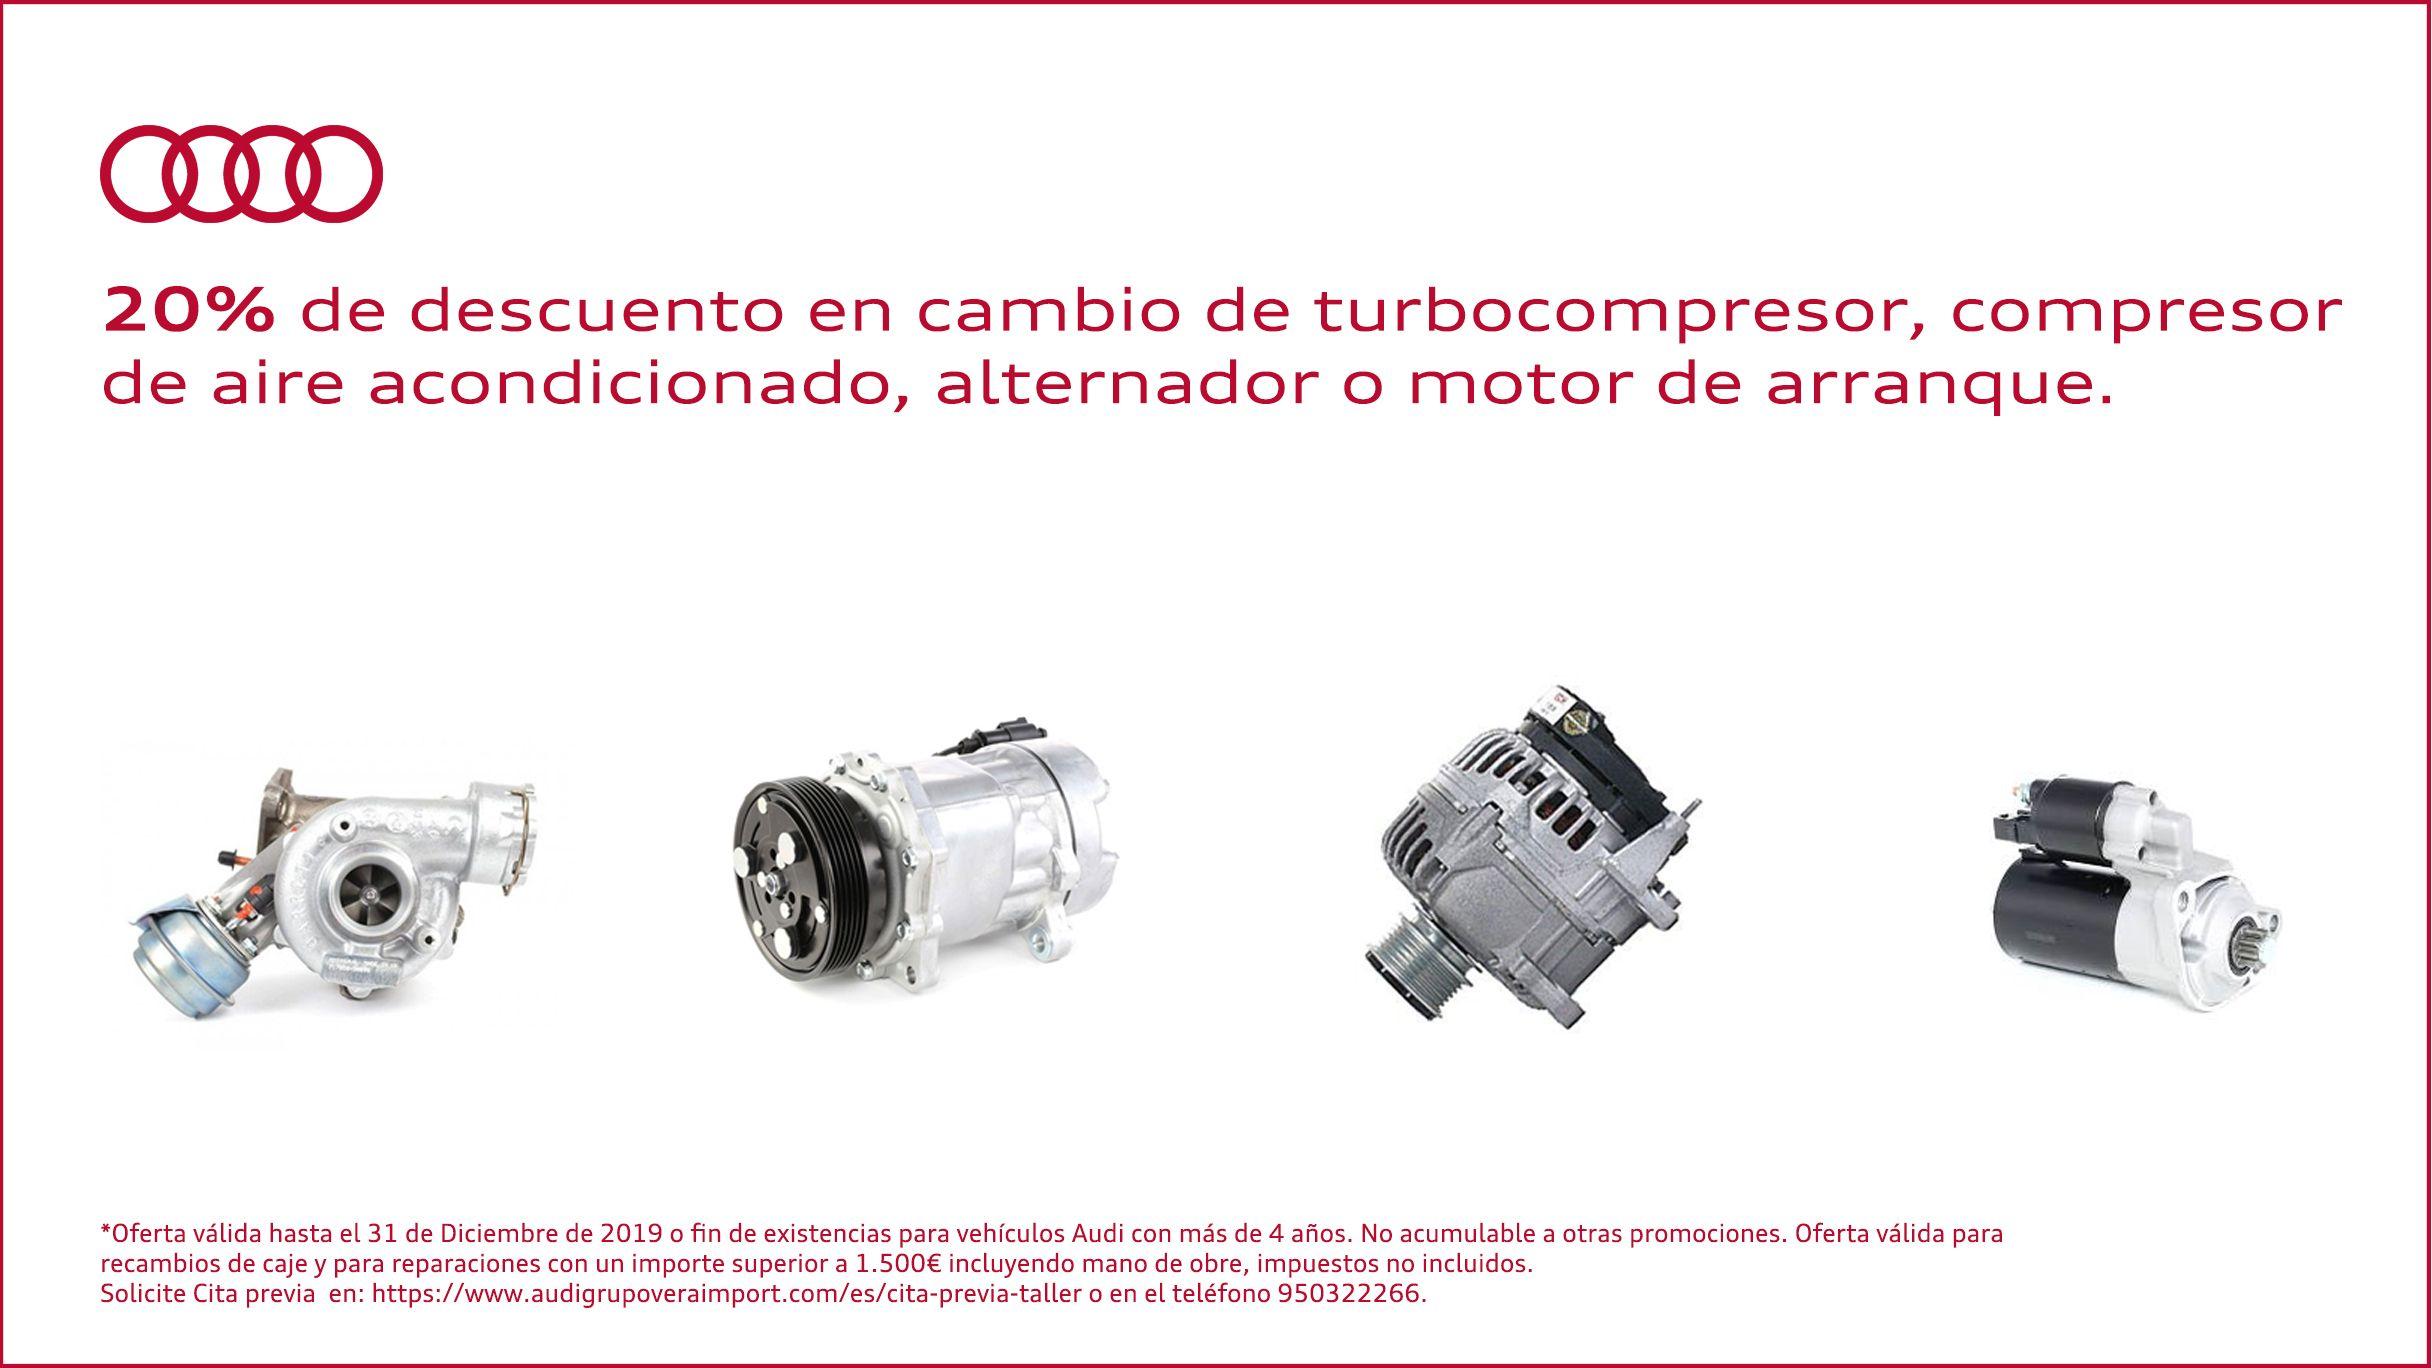 20% descuento en cambio de turbocompresor, compresor de aire acondicionado, alternador o motor de arranque.